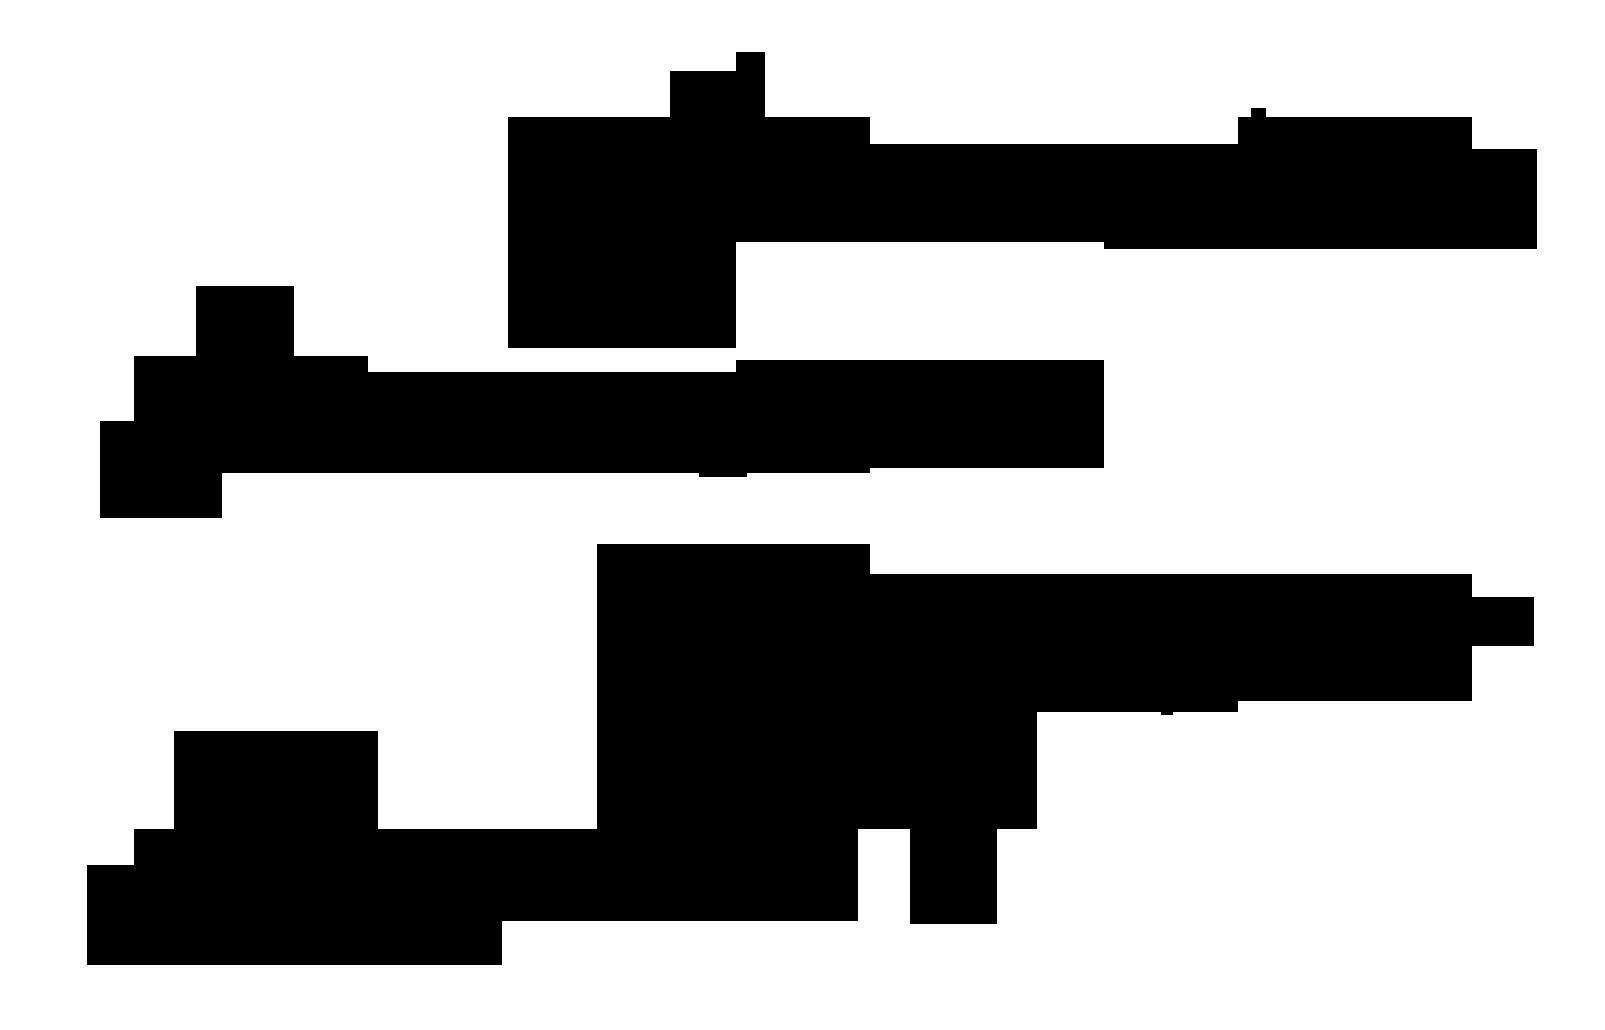 چرا خاموش و سردی ، ناله ای کن  جهان را غرقِ در افسانه ای کن  شتابان پاسخی دِه خواهشم را  مرا مجنون و چون دیوانه ای کن  © امین آقاعلی گل 14 شهریور 94